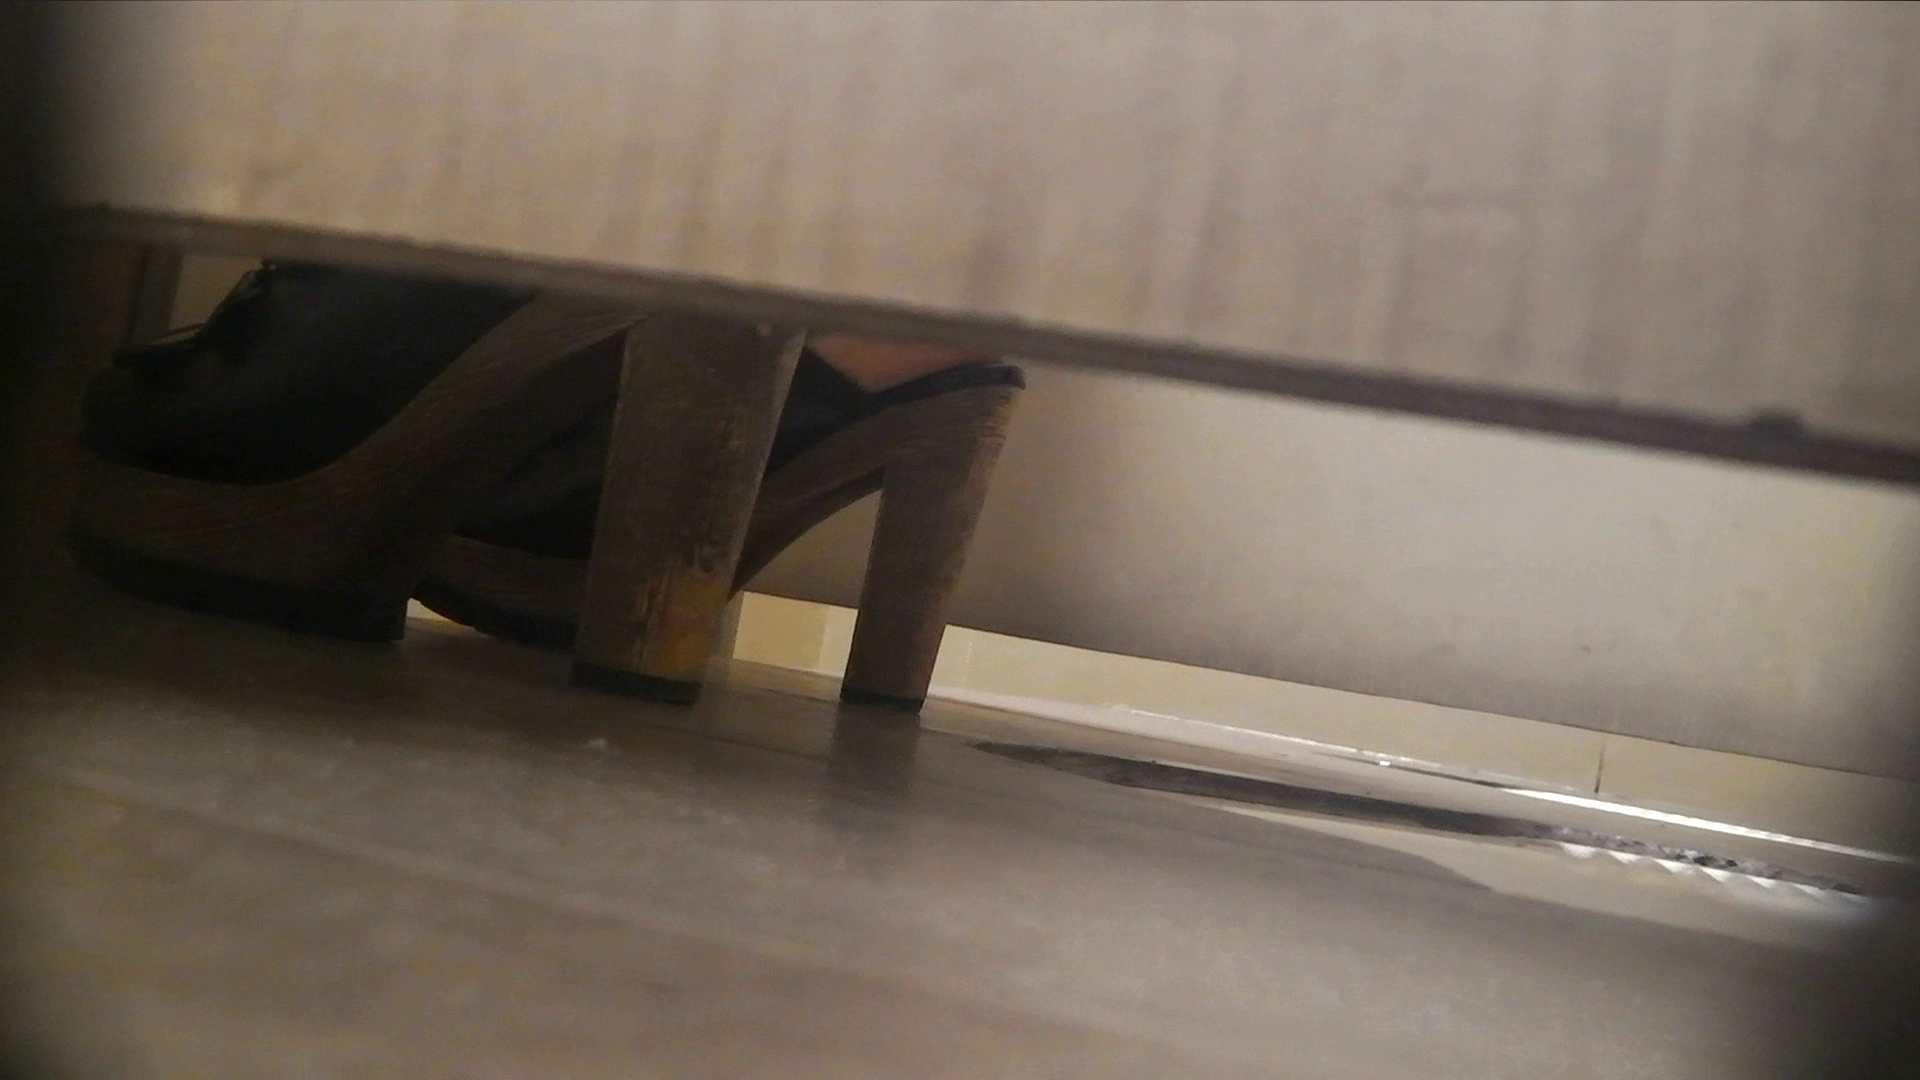 阿国ちゃんの「和式洋式七変化」No.5 洗面所  92PIX 38